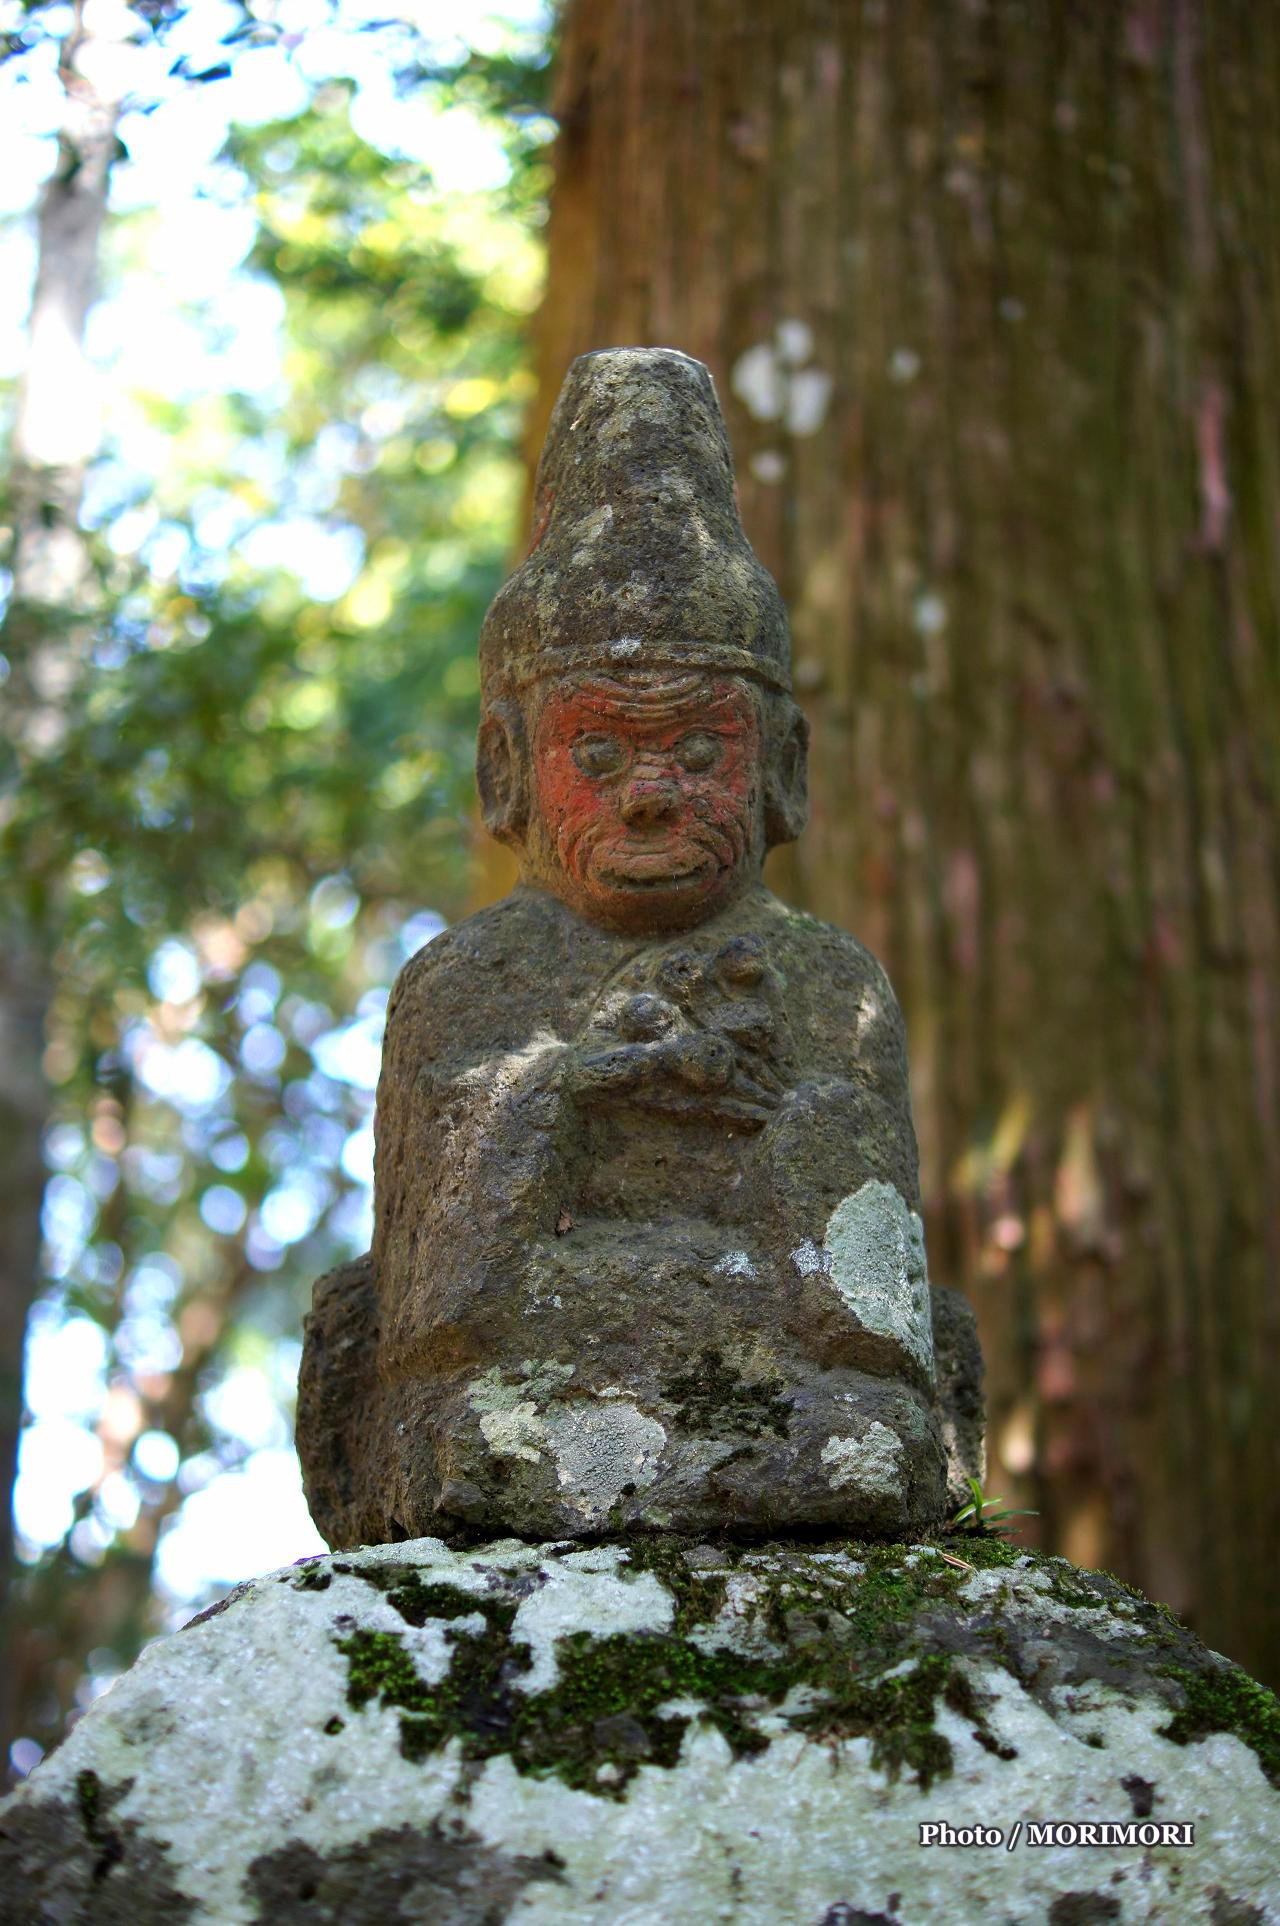 高千穂向山神社参道の灯篭上の猿の石像